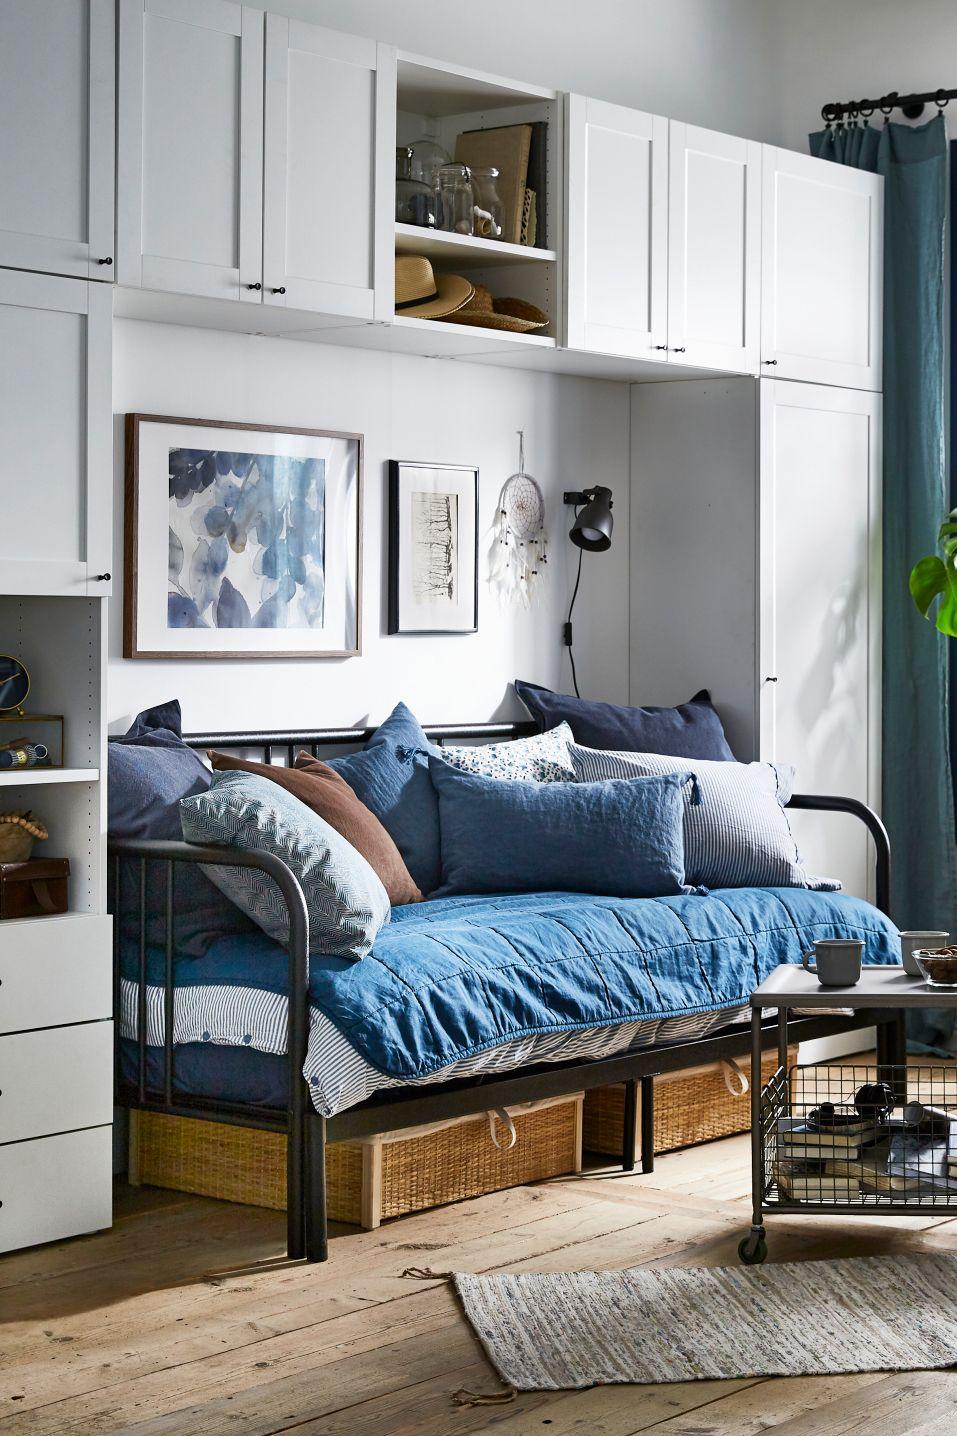 Full Size of Ikea Jugendzimmer Küche Kosten Kaufen Sofa Mit Schlaffunktion Betten Bei Miniküche Bett Modulküche 160x200 Wohnzimmer Ikea Jugendzimmer